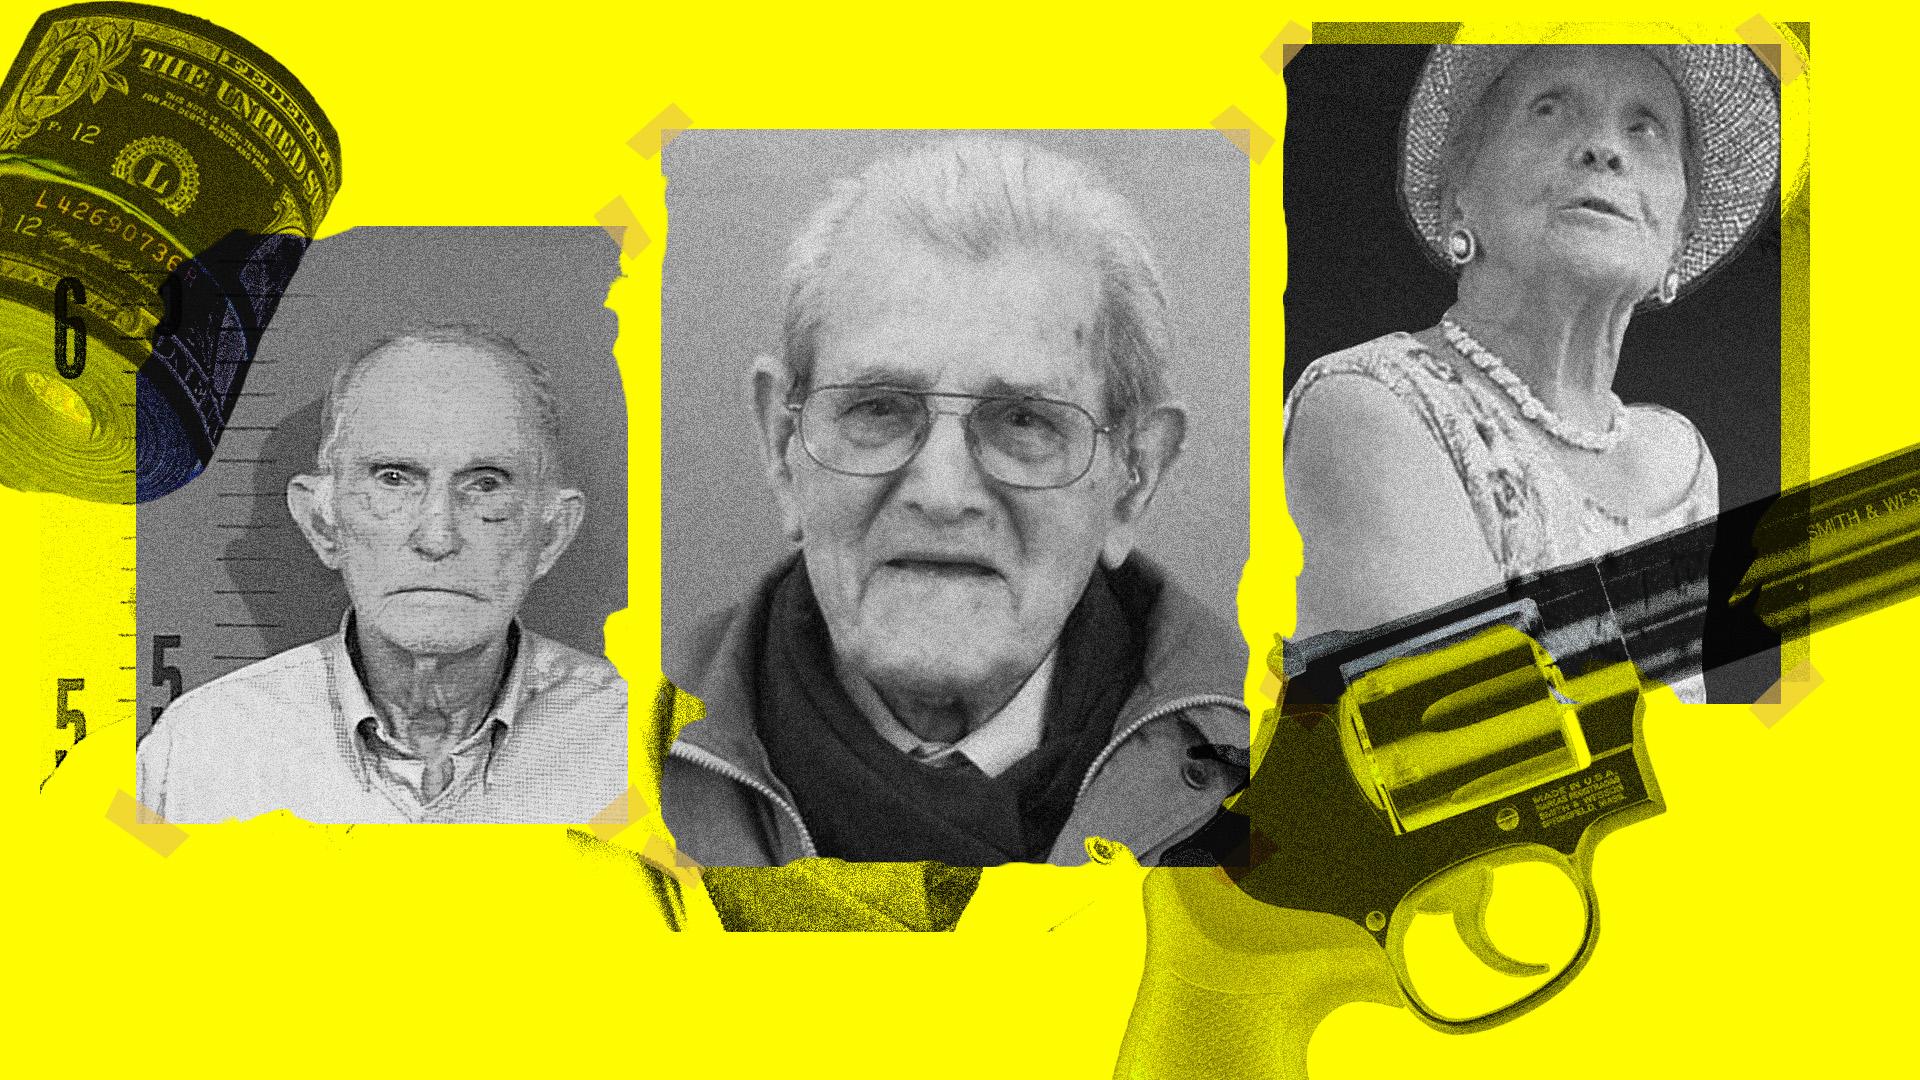 Idős nénik és bácsik, akikről kiderült, hogy bűnözők